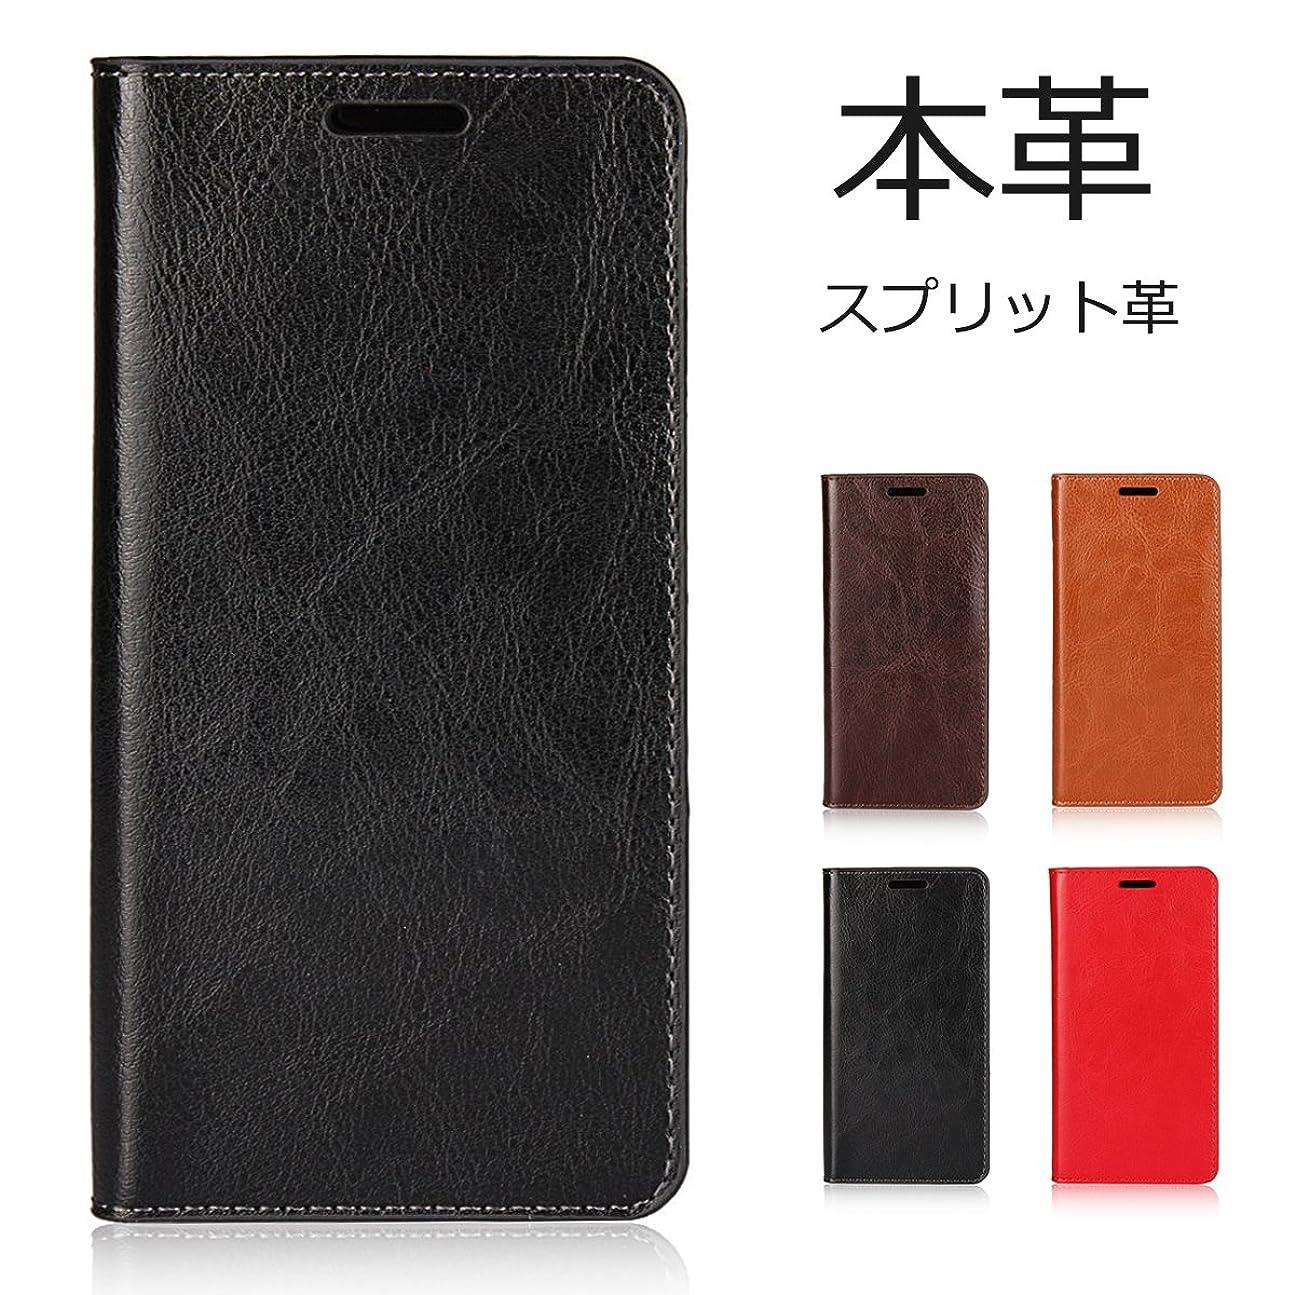 中で鰐味Galaxy S9 / au scv38 / ドコモ SC-02K ケース S9本革ケース 高級 手帳型 本革 ギャラクシー S9 カバー 財布型 レザー カードポケット スタンド機能 Galaxy S9 ブラック